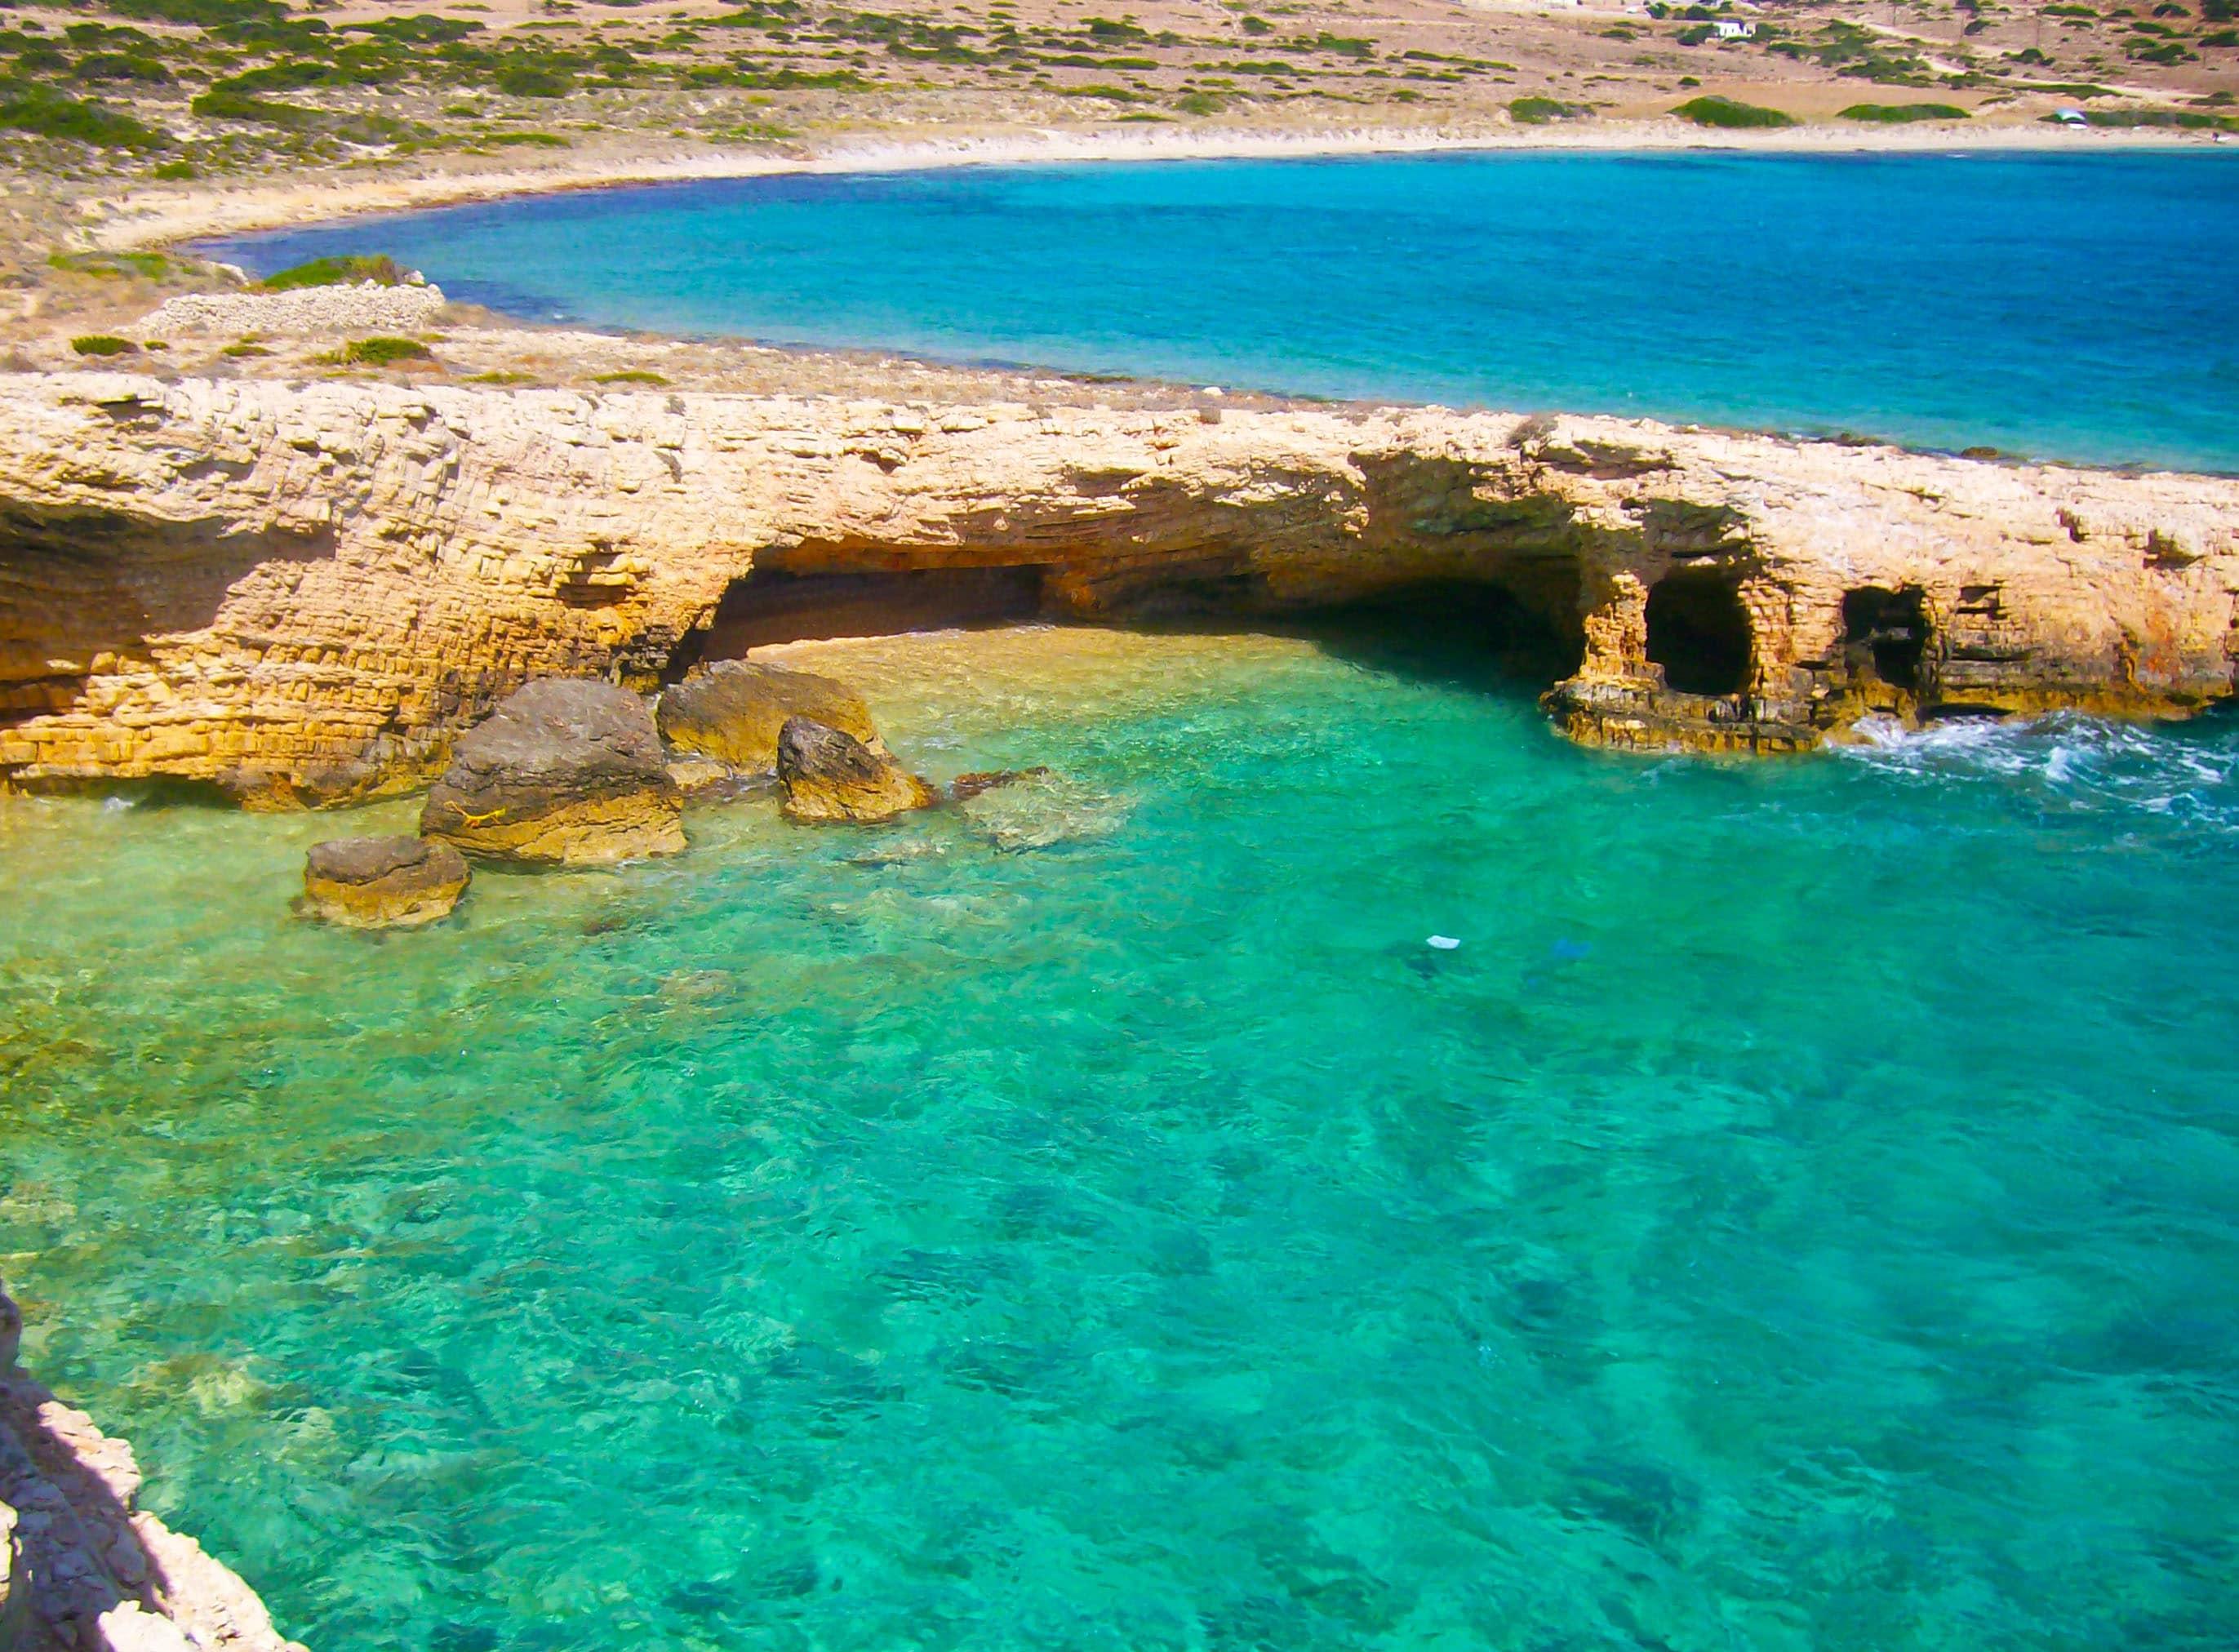 Koufonissia au large d'Amorgos en Grèce parmi les 25 lieux incroyables à voir en Europe que tu ne connais pas